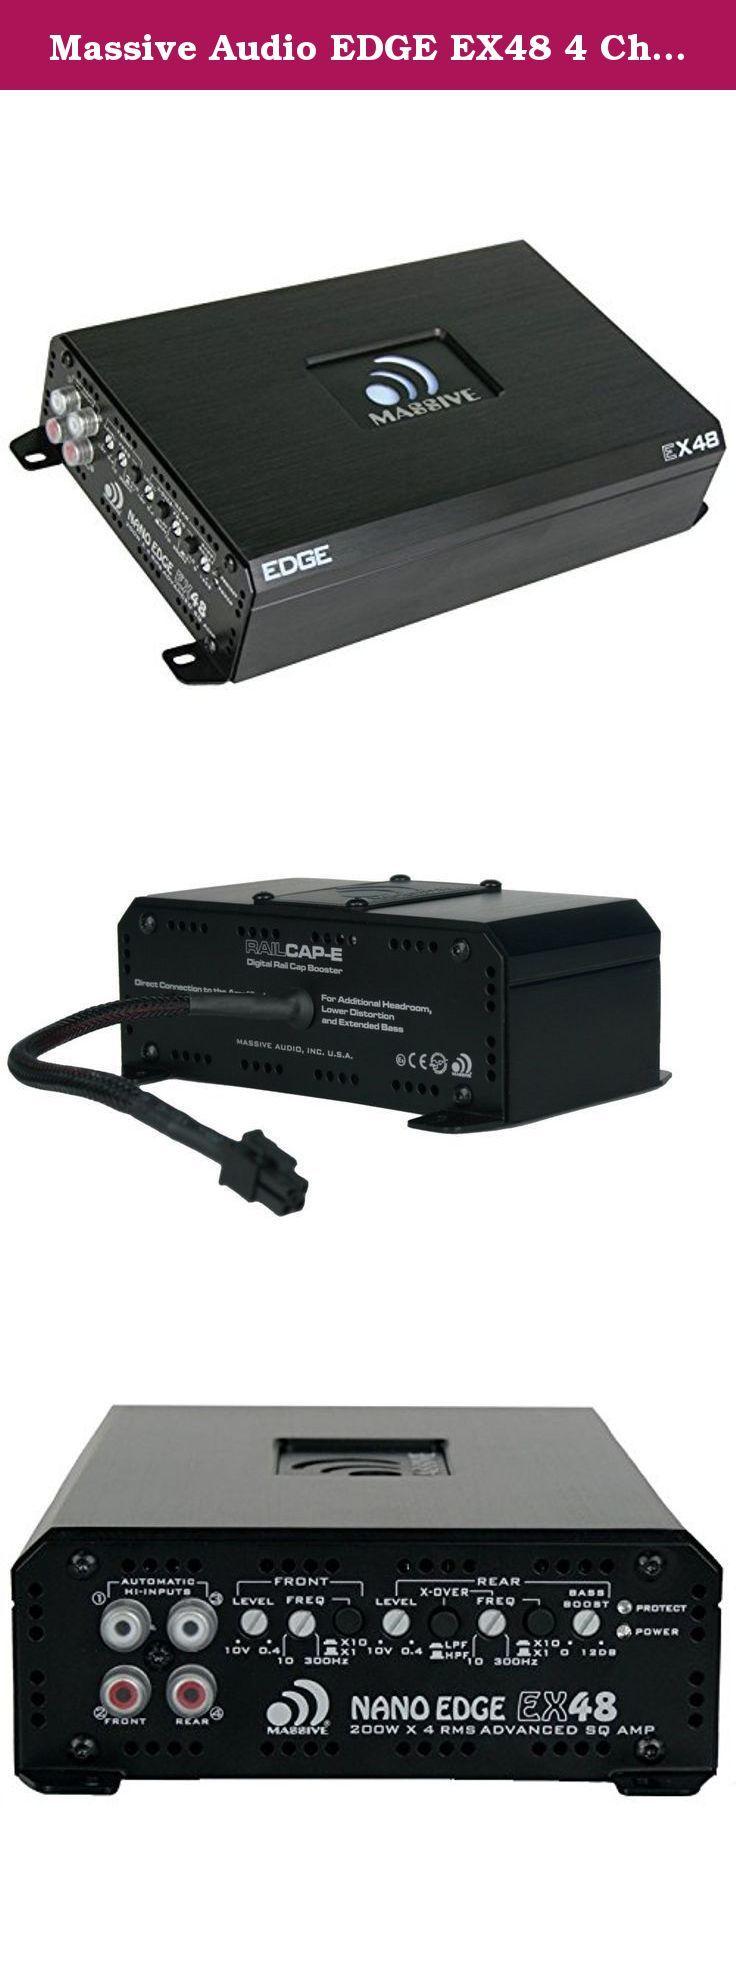 Massive Audio EDGE EX48 4 Channel Amplifier. Features